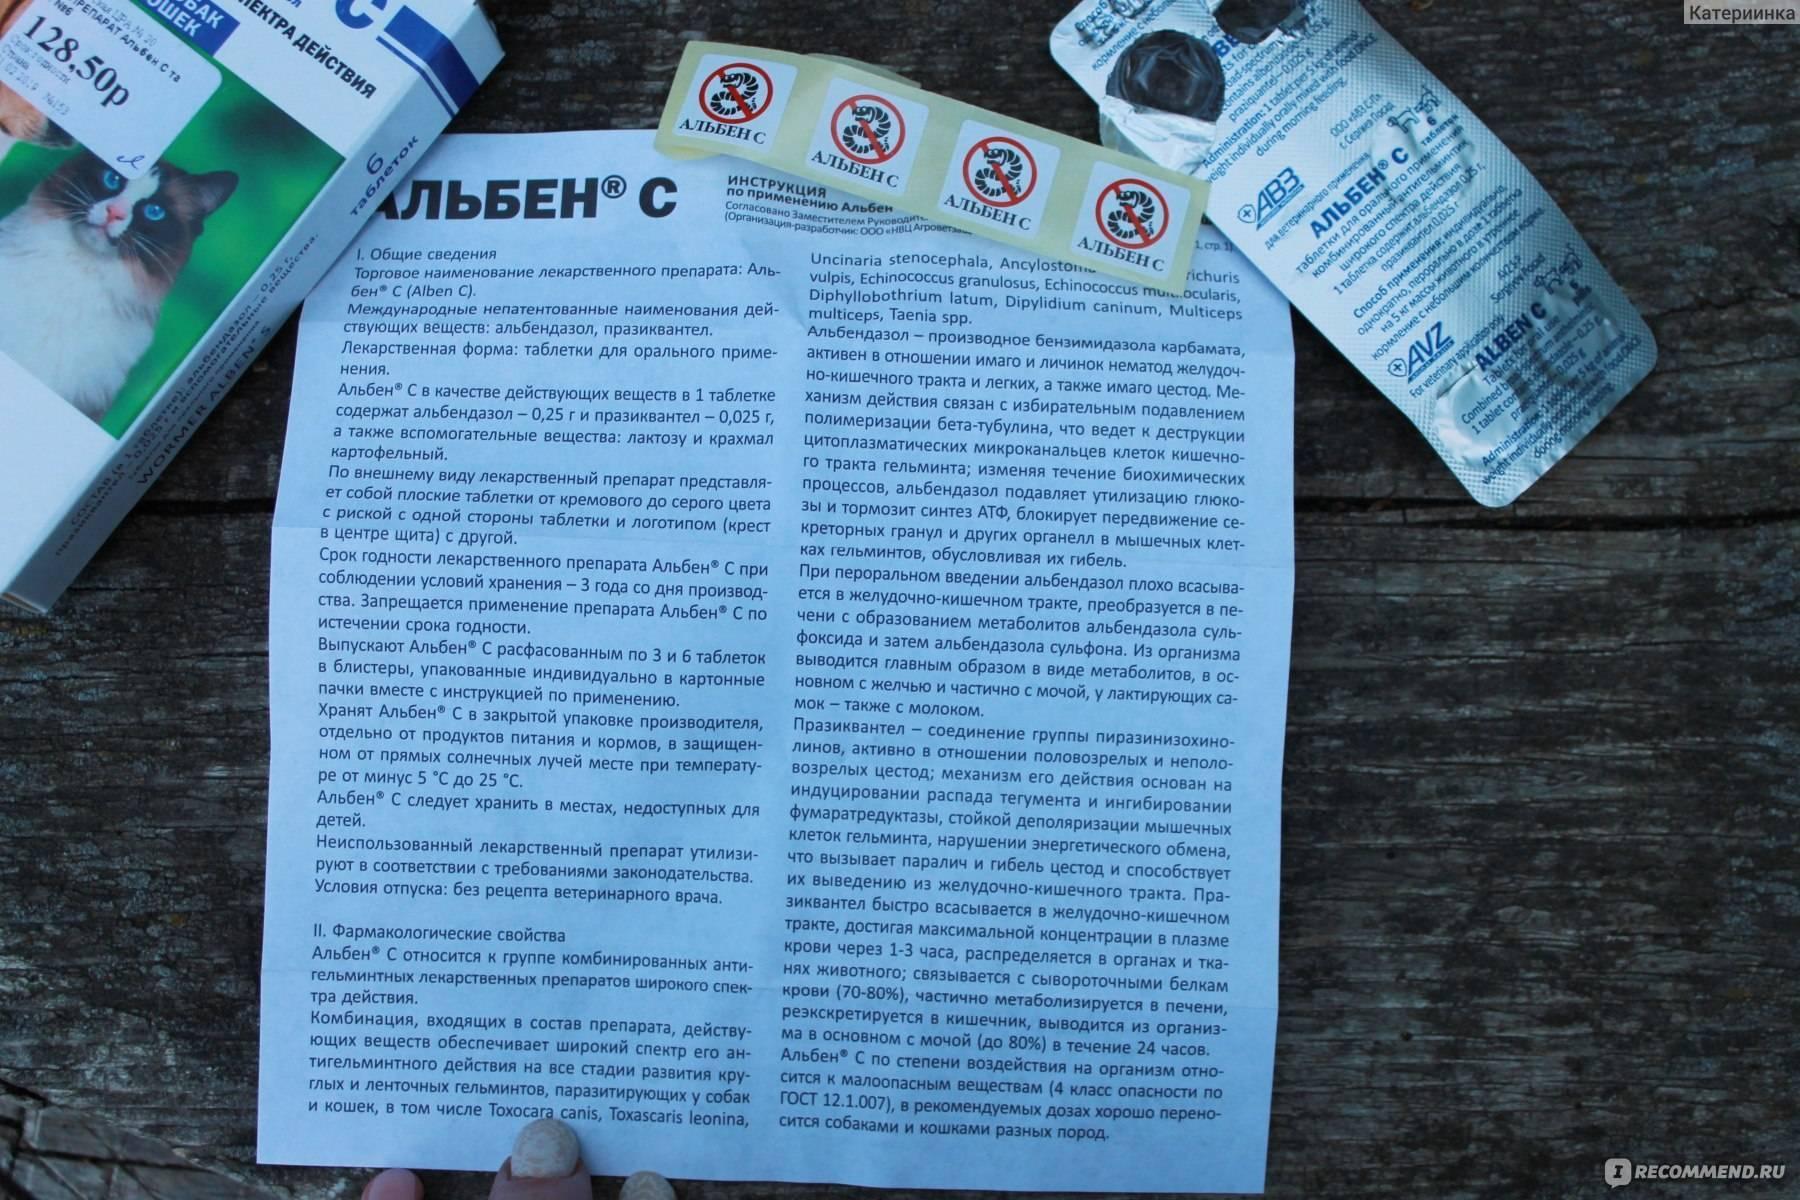 Альбен с: инструкция по применению для кошек, состав таблеток, побочные действия на организм животного, отзывы ветеринаров